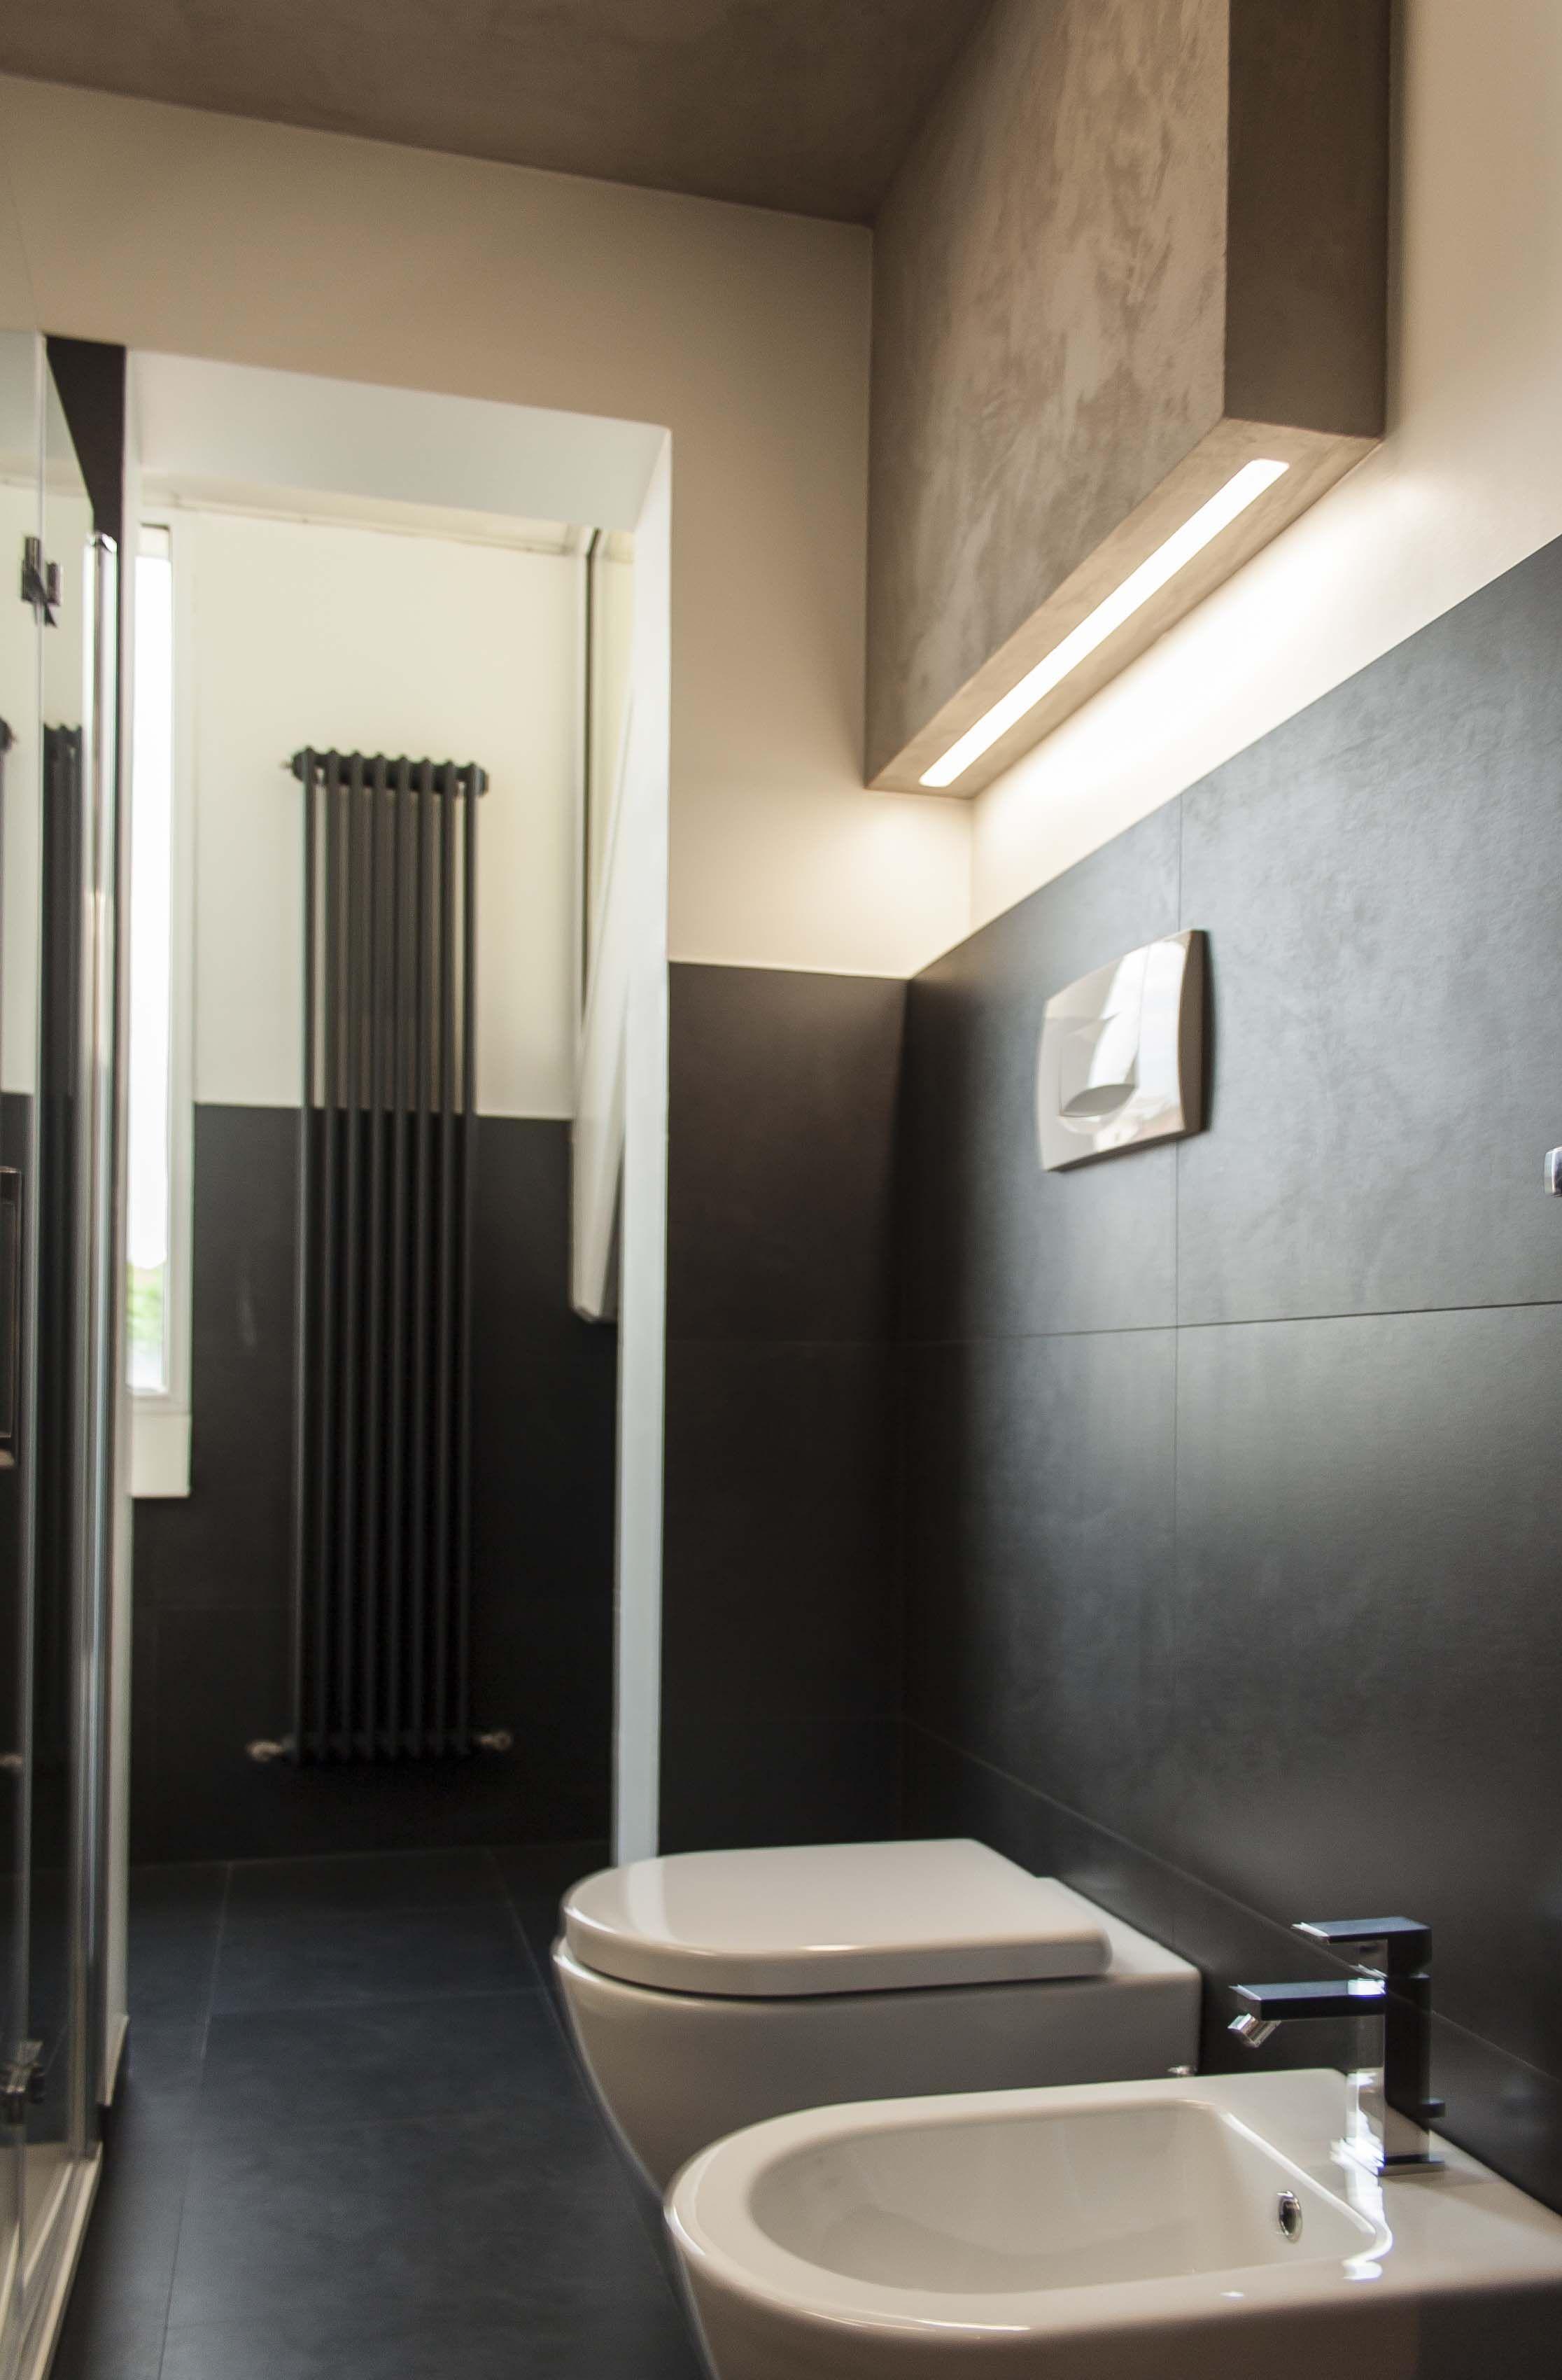 Illuminazione bagno shabby bagno shabby piccolo camera da letto